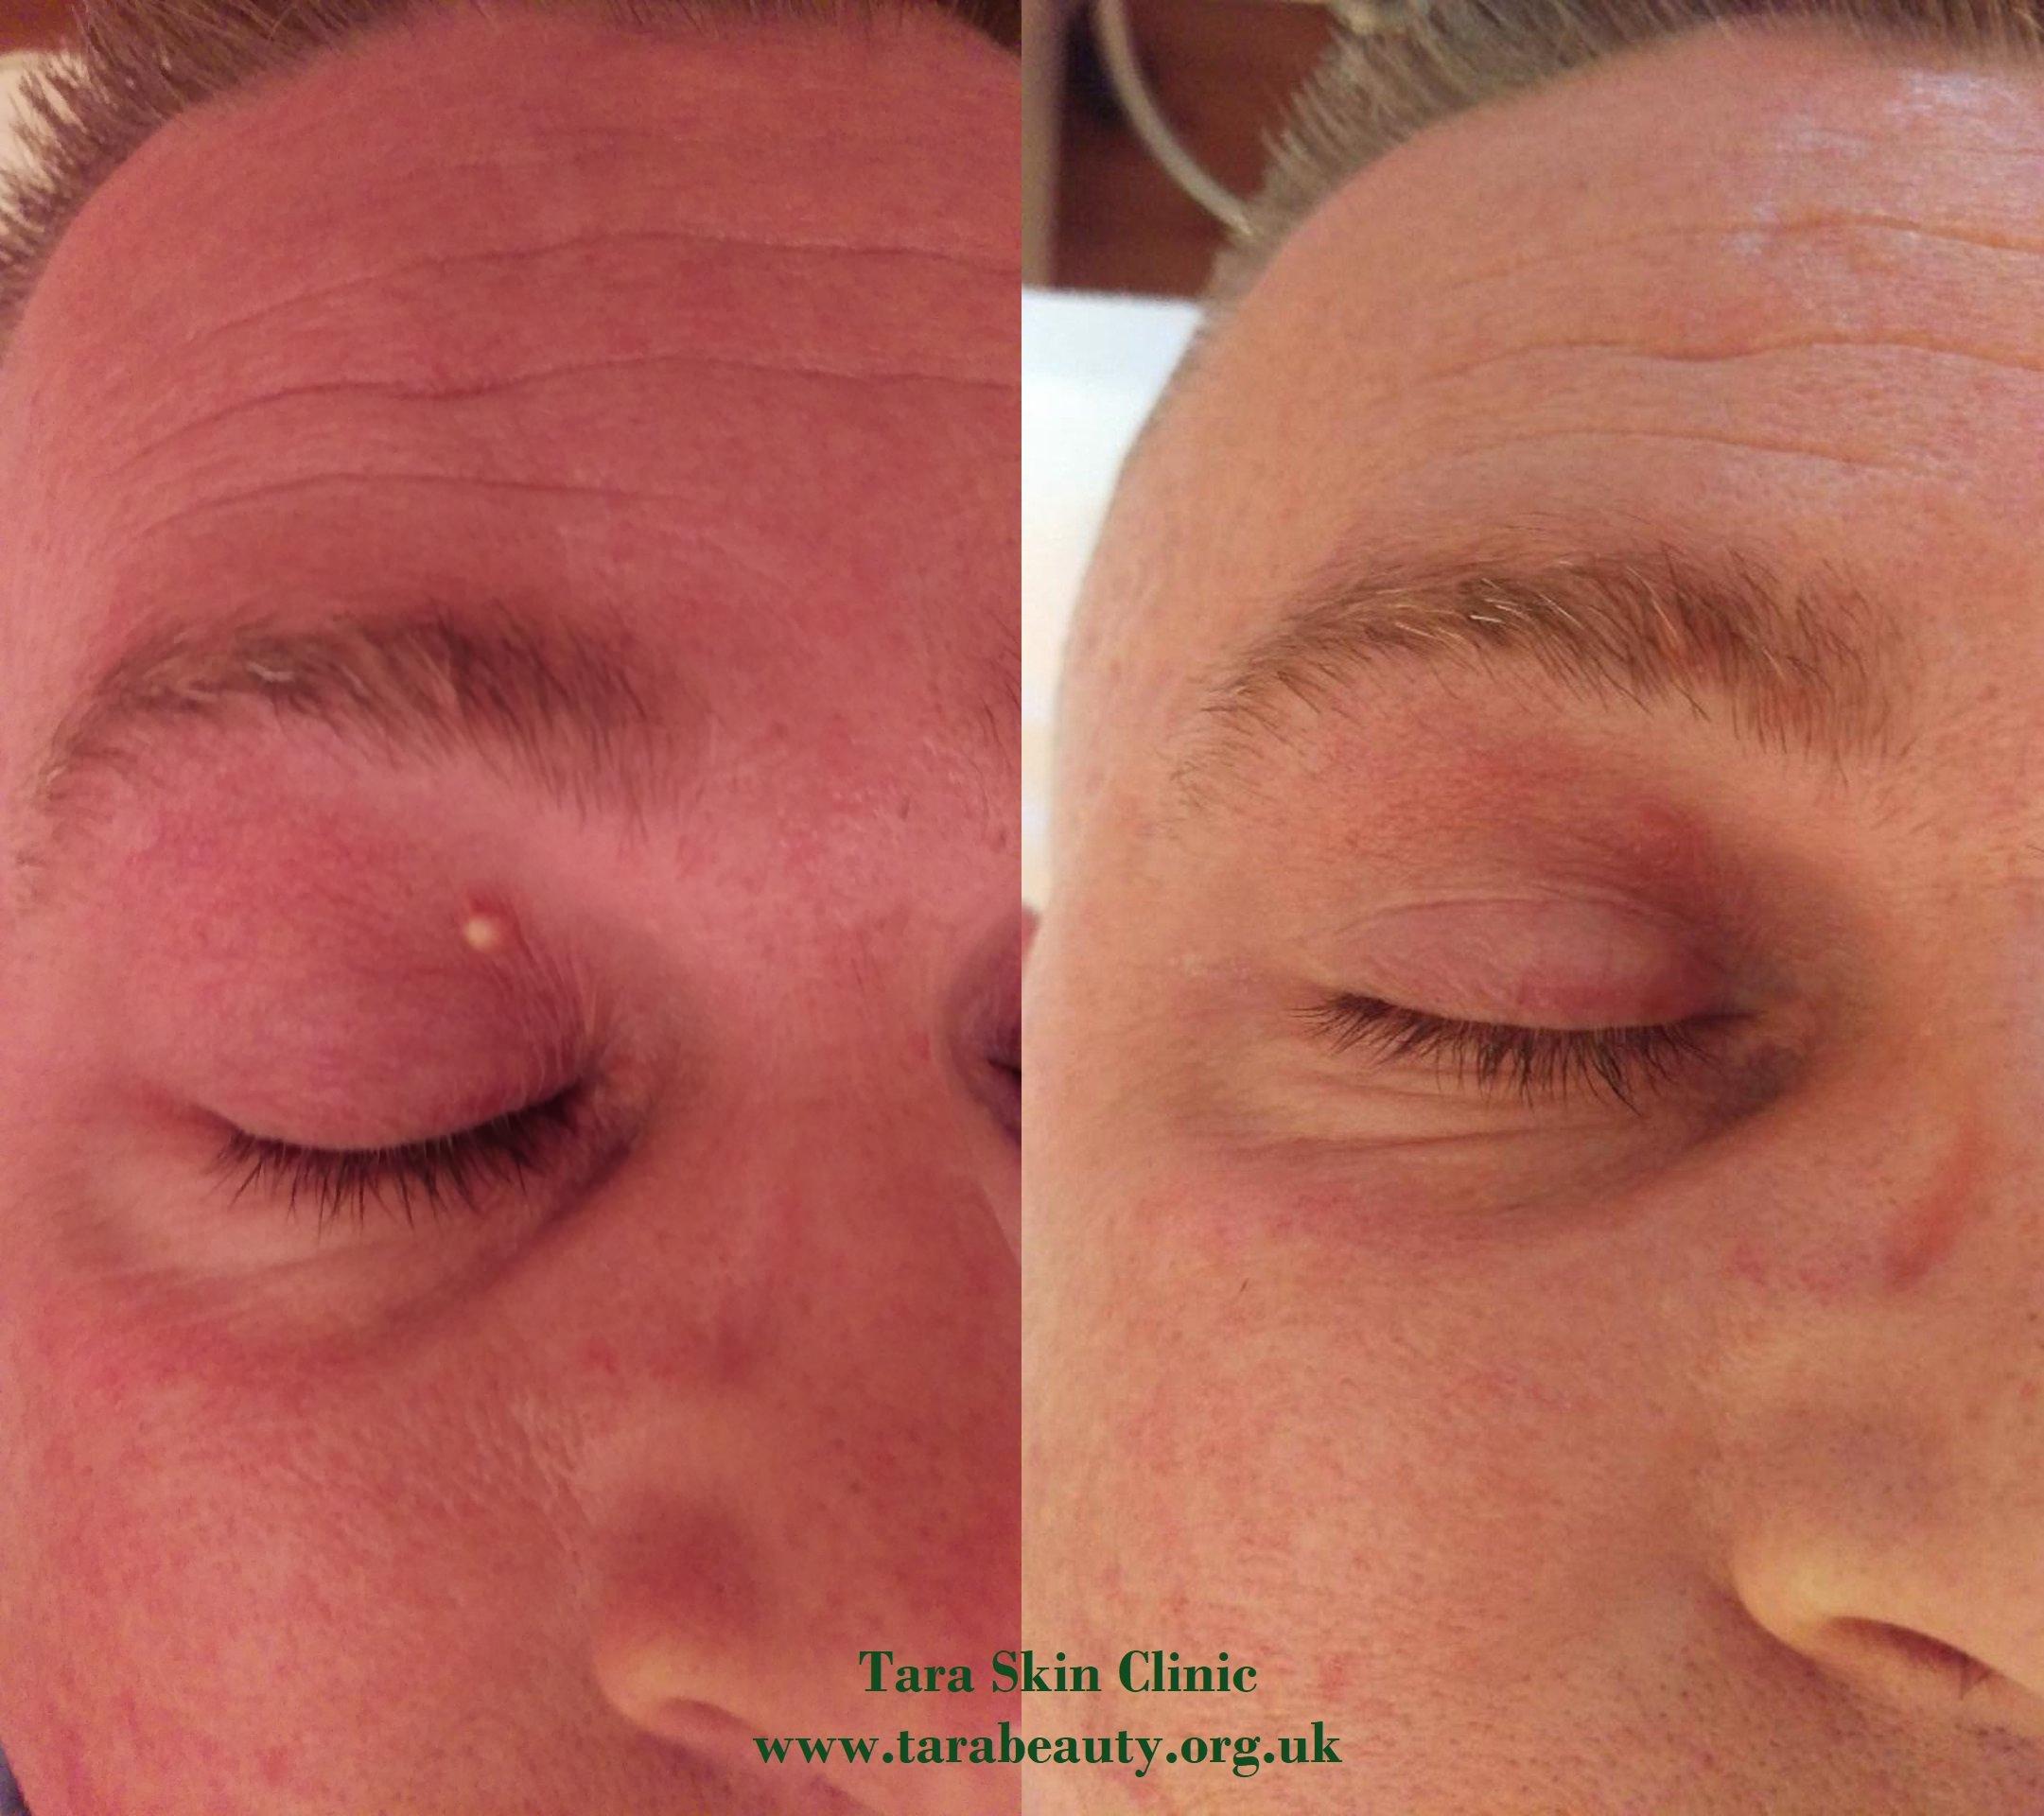 Picture: Tara Skin Clinic